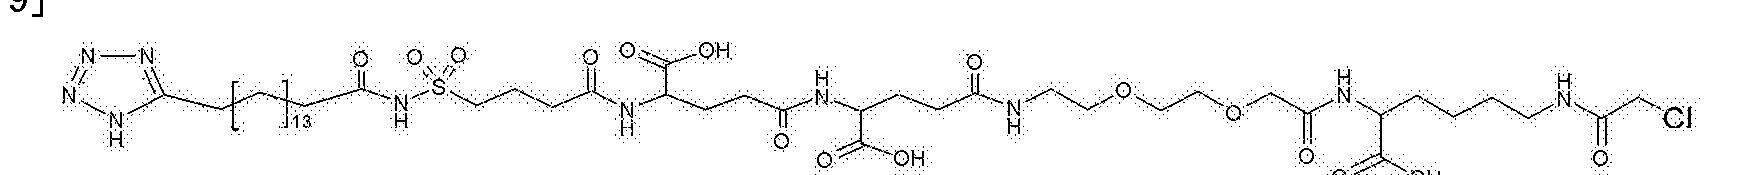 Figure CN103002918BD01143